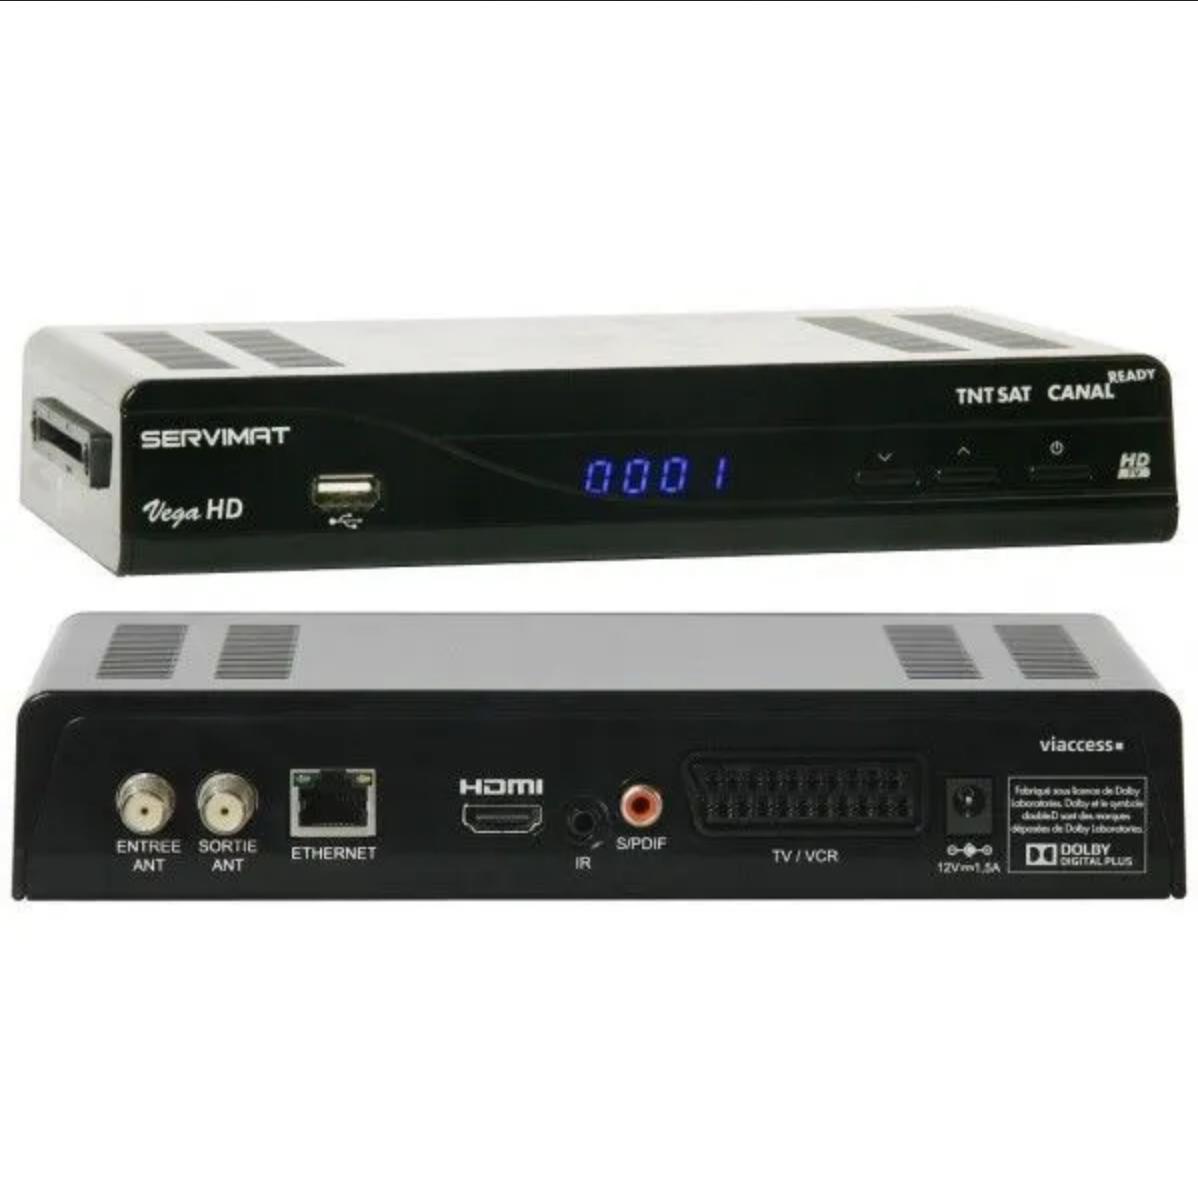 Photo 11 - RECEPTEUR-NUMERIQUE-SERVIMAT-VEGA-HD-ET-CORDON-HDMI-SANS-CARTE-TNTSAT